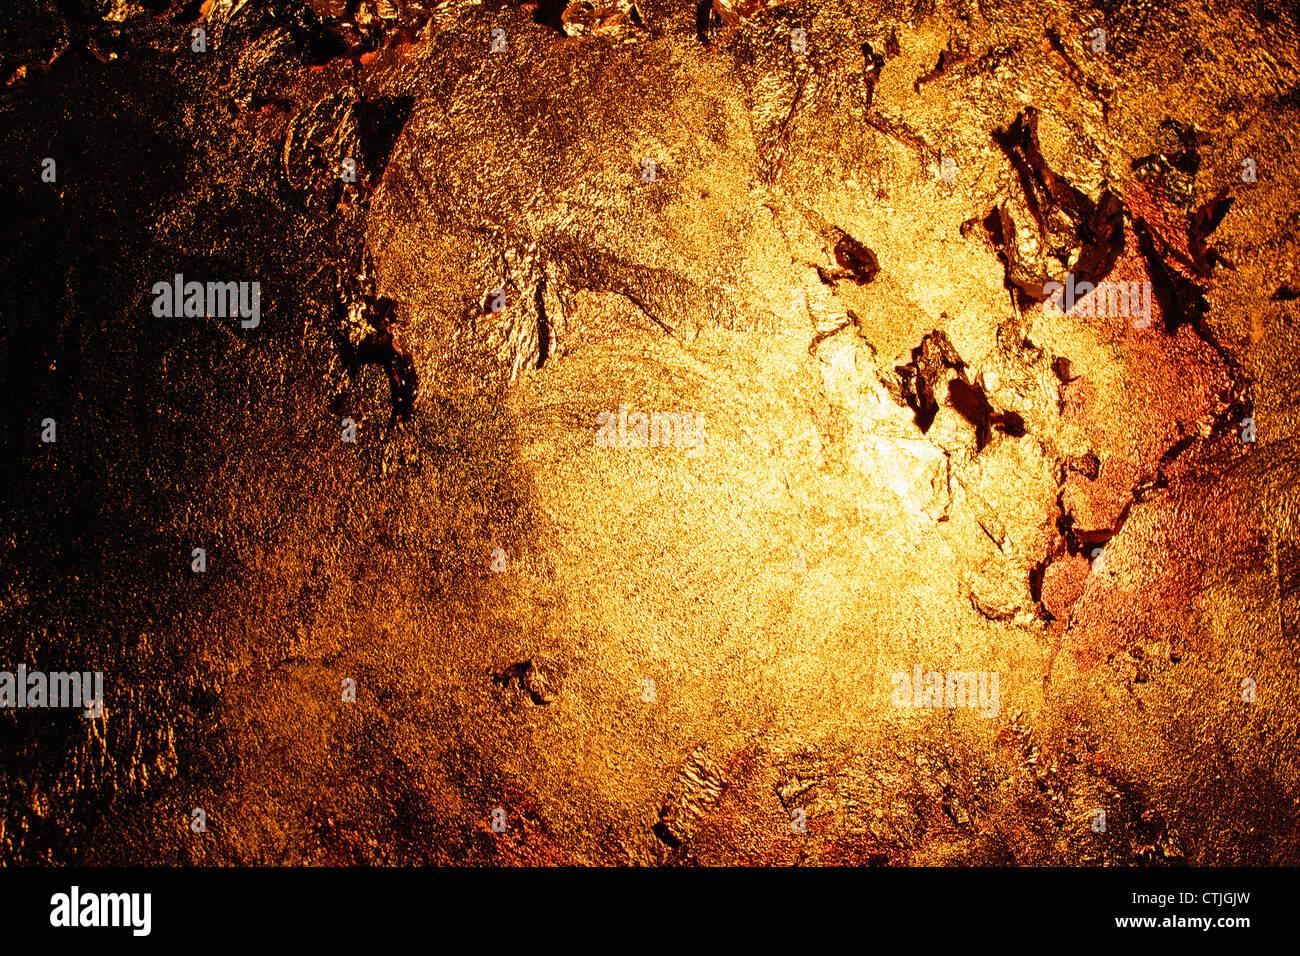 Una pared pintada de oro, oro de texturas realistas. Imagen De Stock